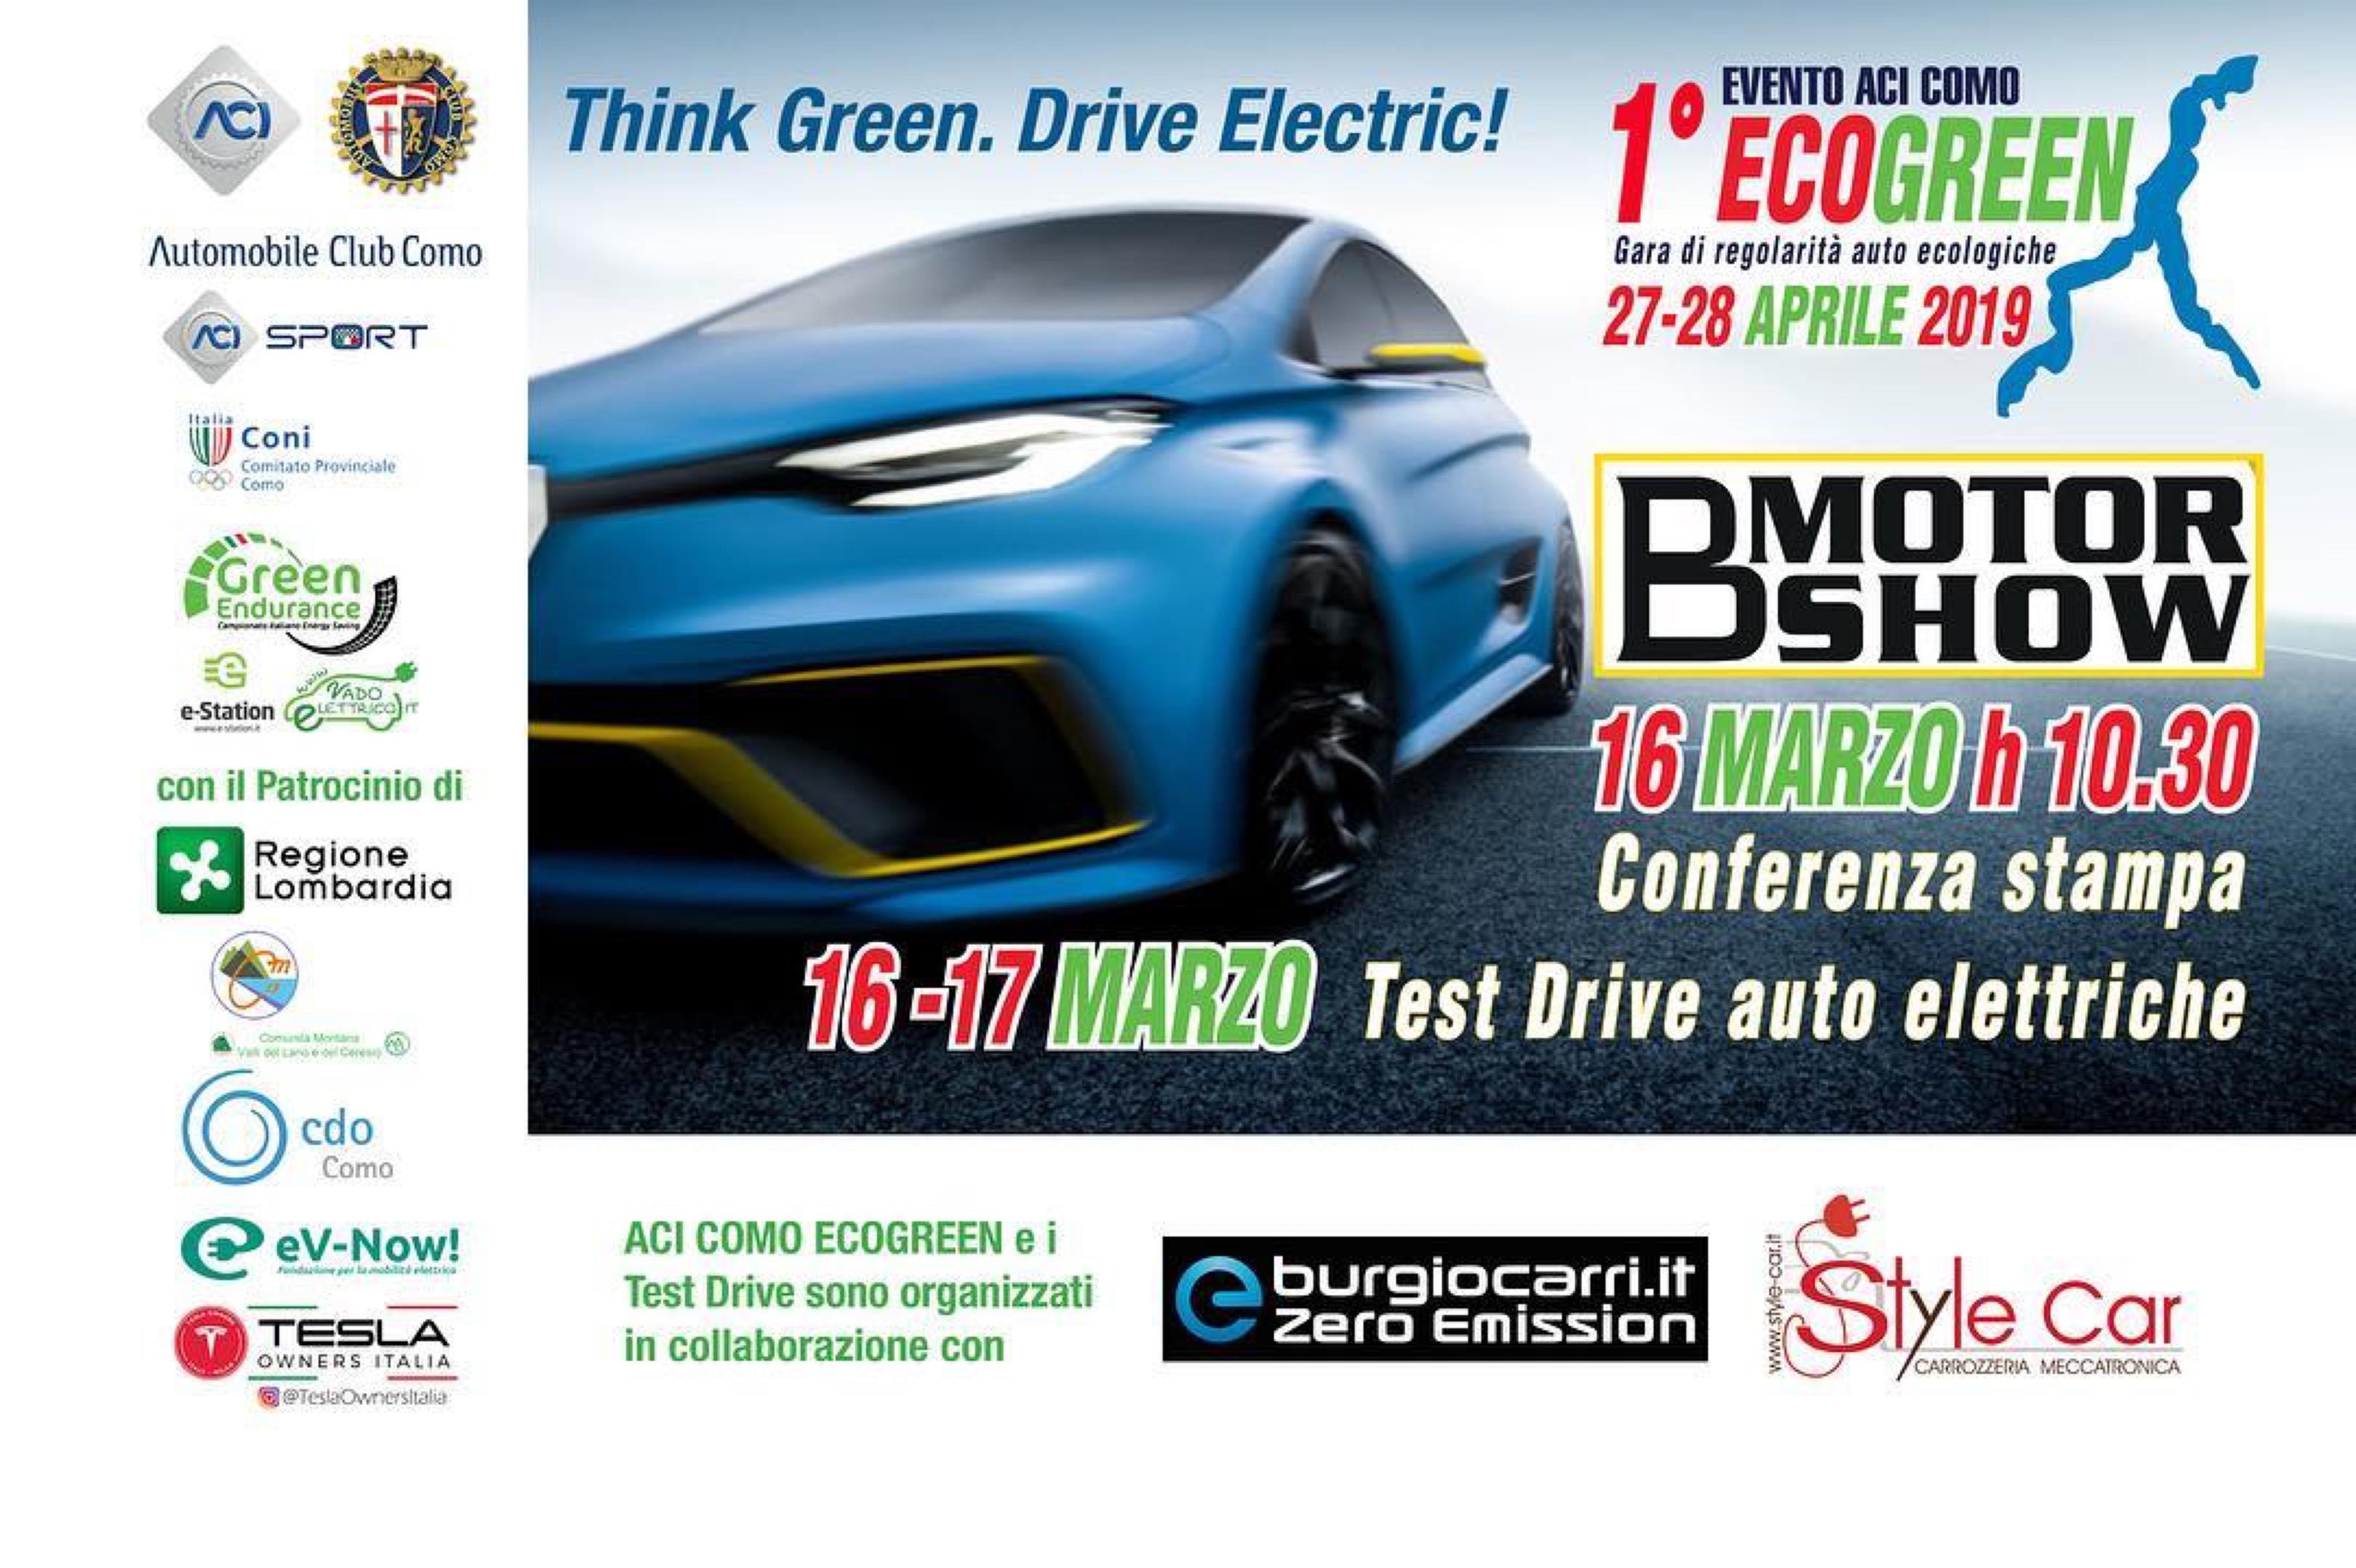 ECOGREEN: Tesla Owners Italia in linea di partenza del Rally